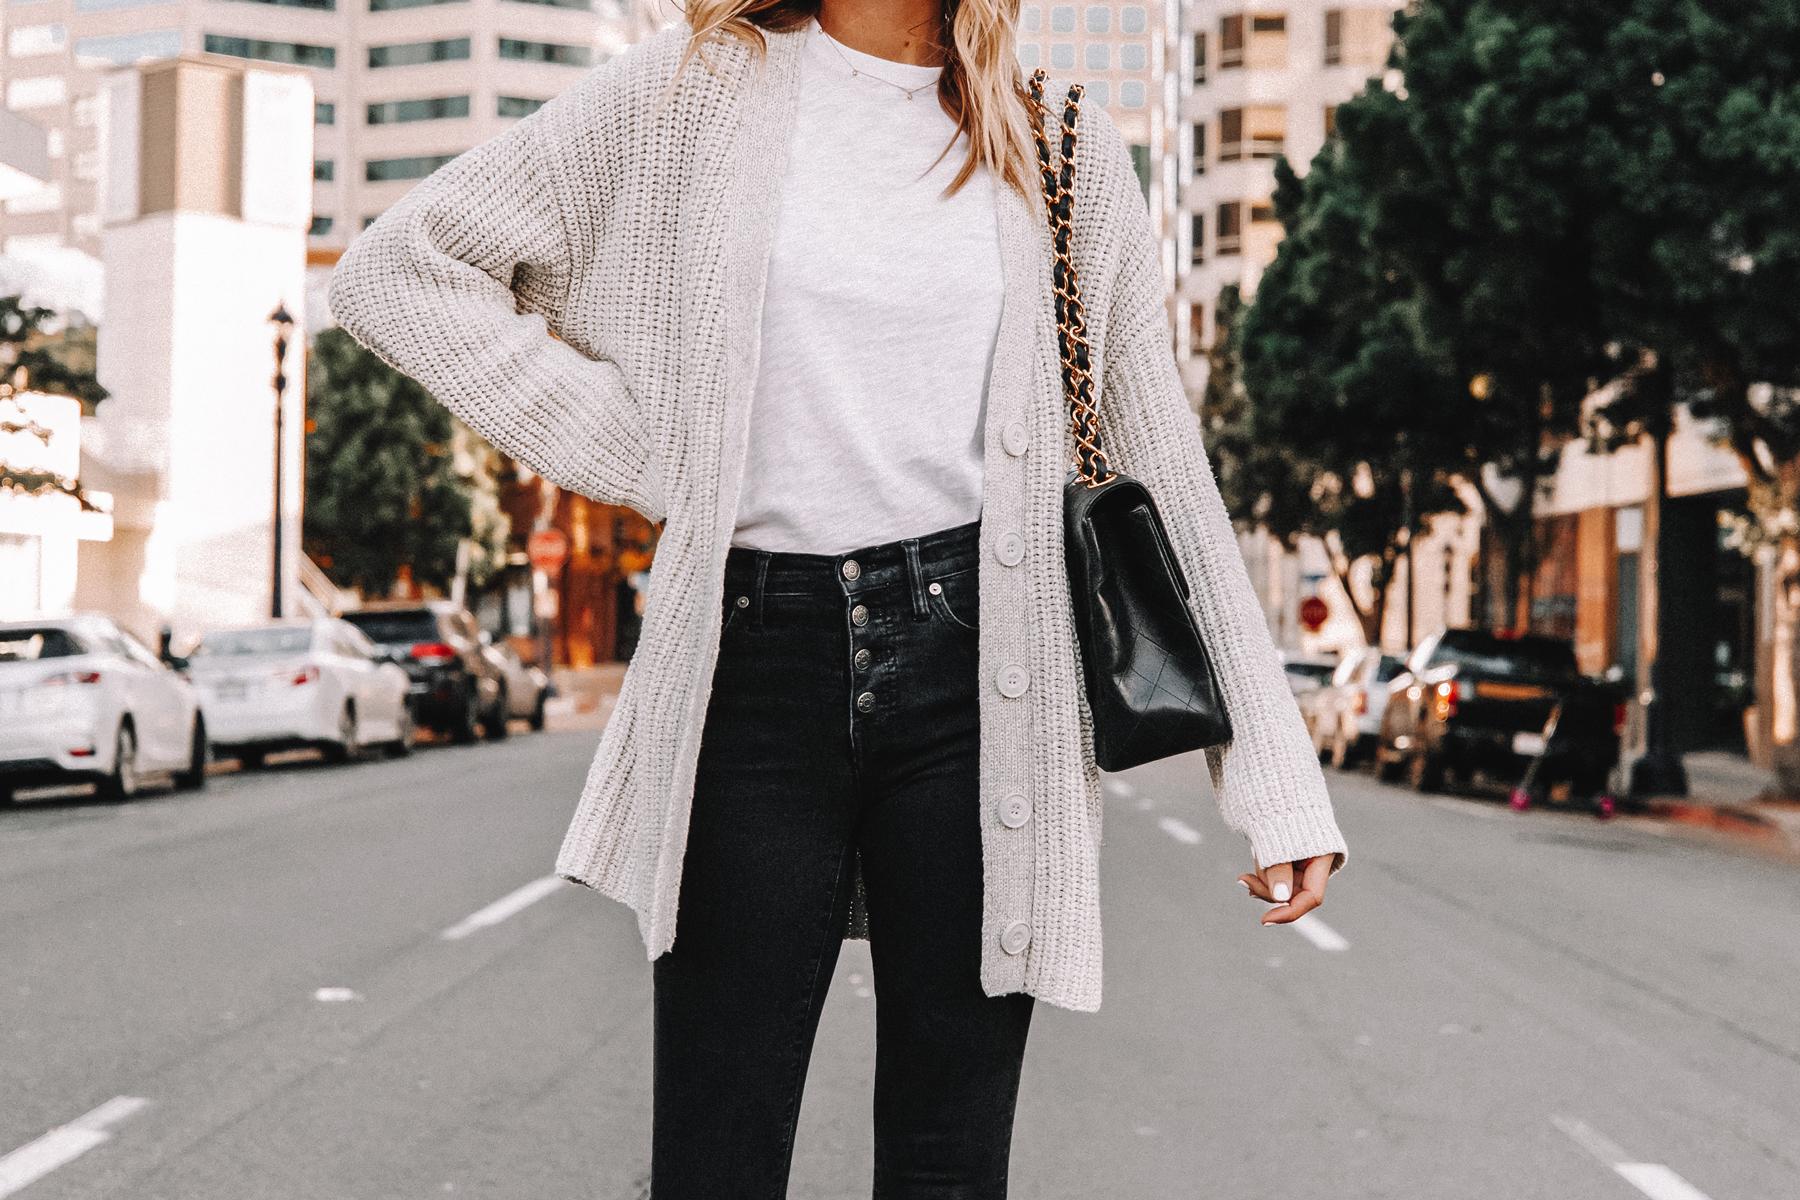 Fashion Jackson Wearing Oversized Cardigan White Tshirt Black Jeans 1